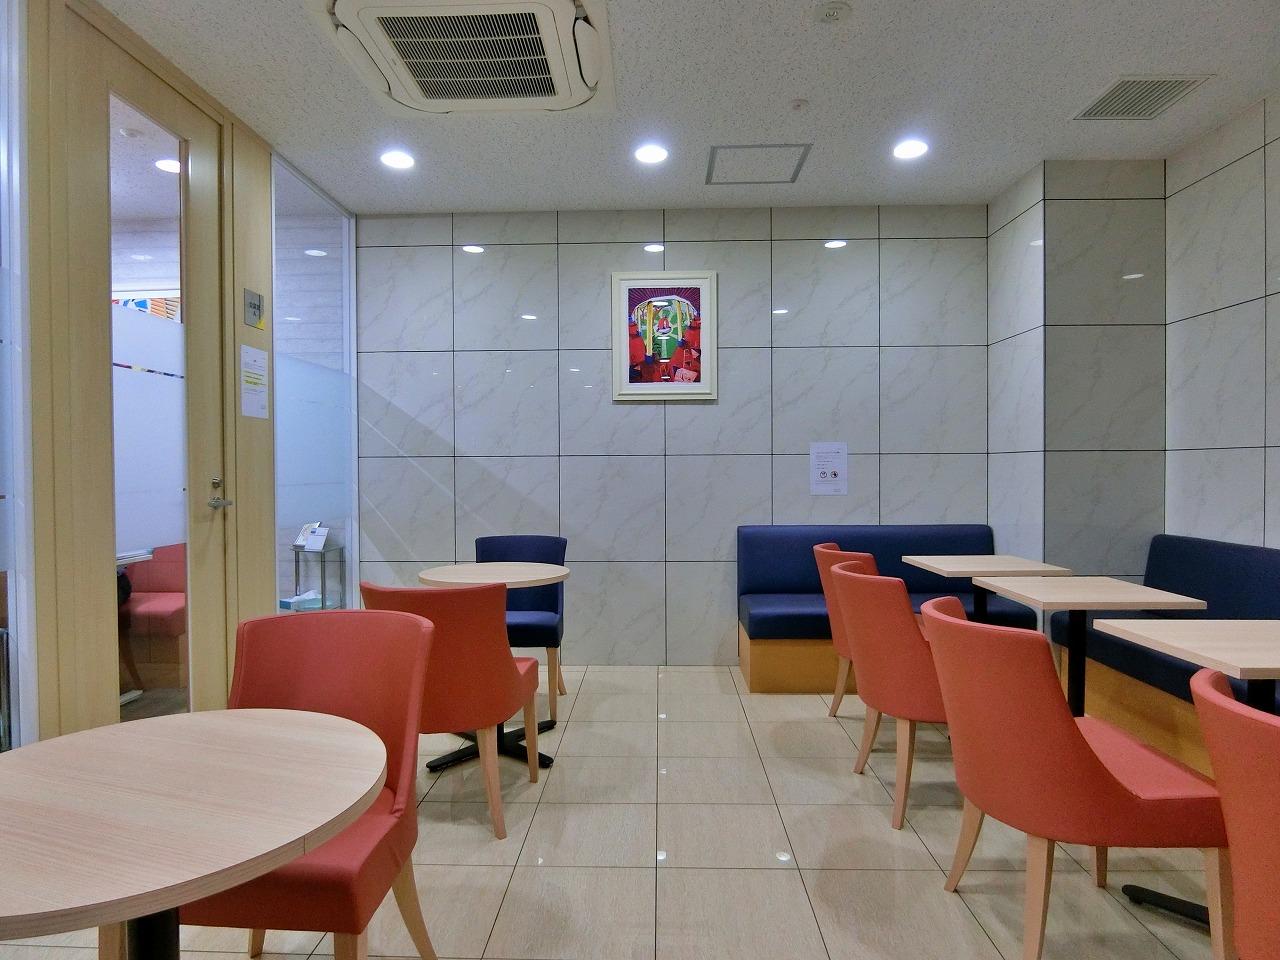 【港区 新橋】新橋駅徒歩3分の築浅オフィスビル!4名用